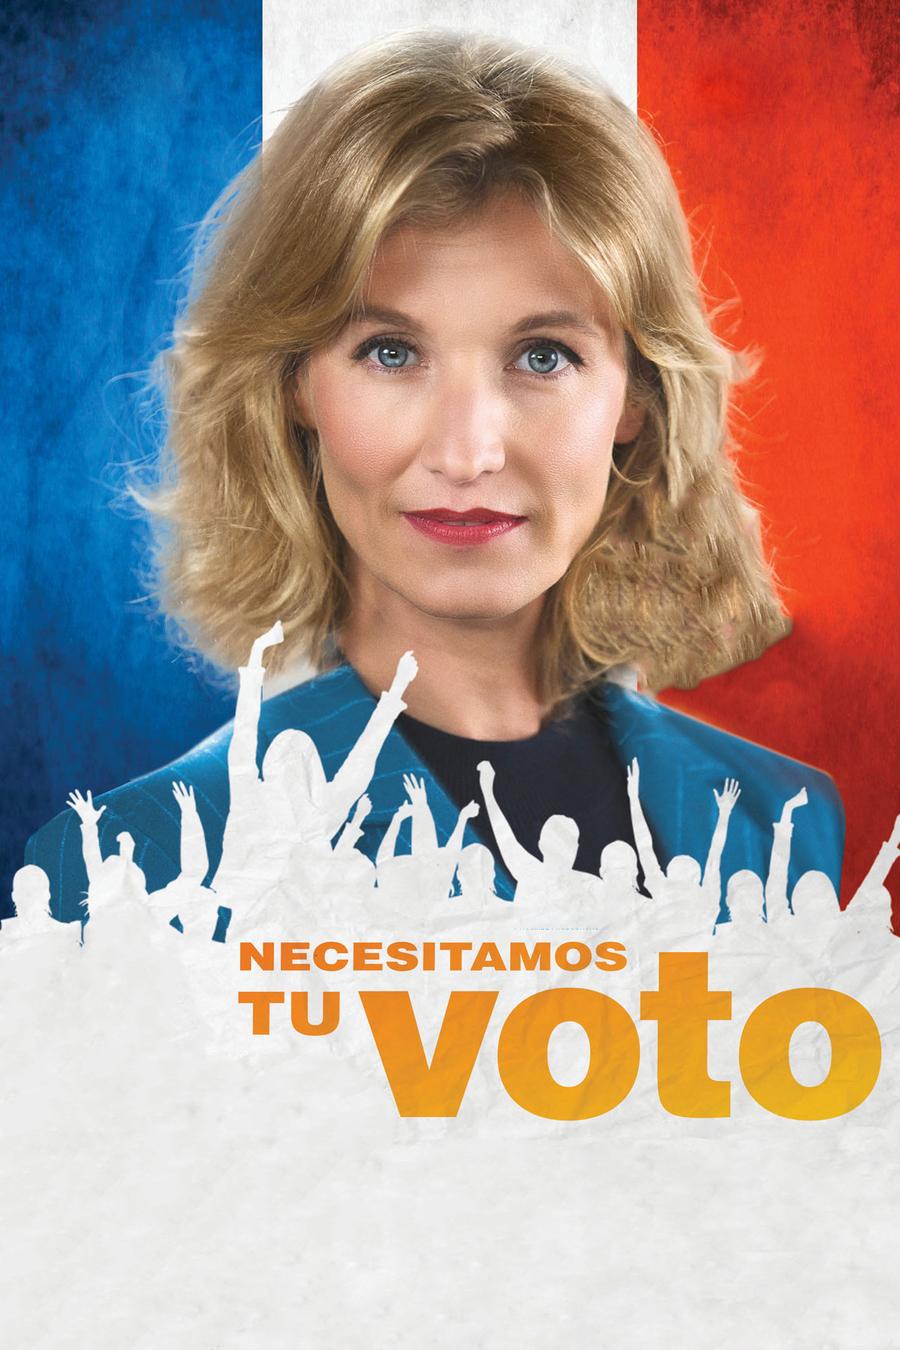 Necesitamos tu voto